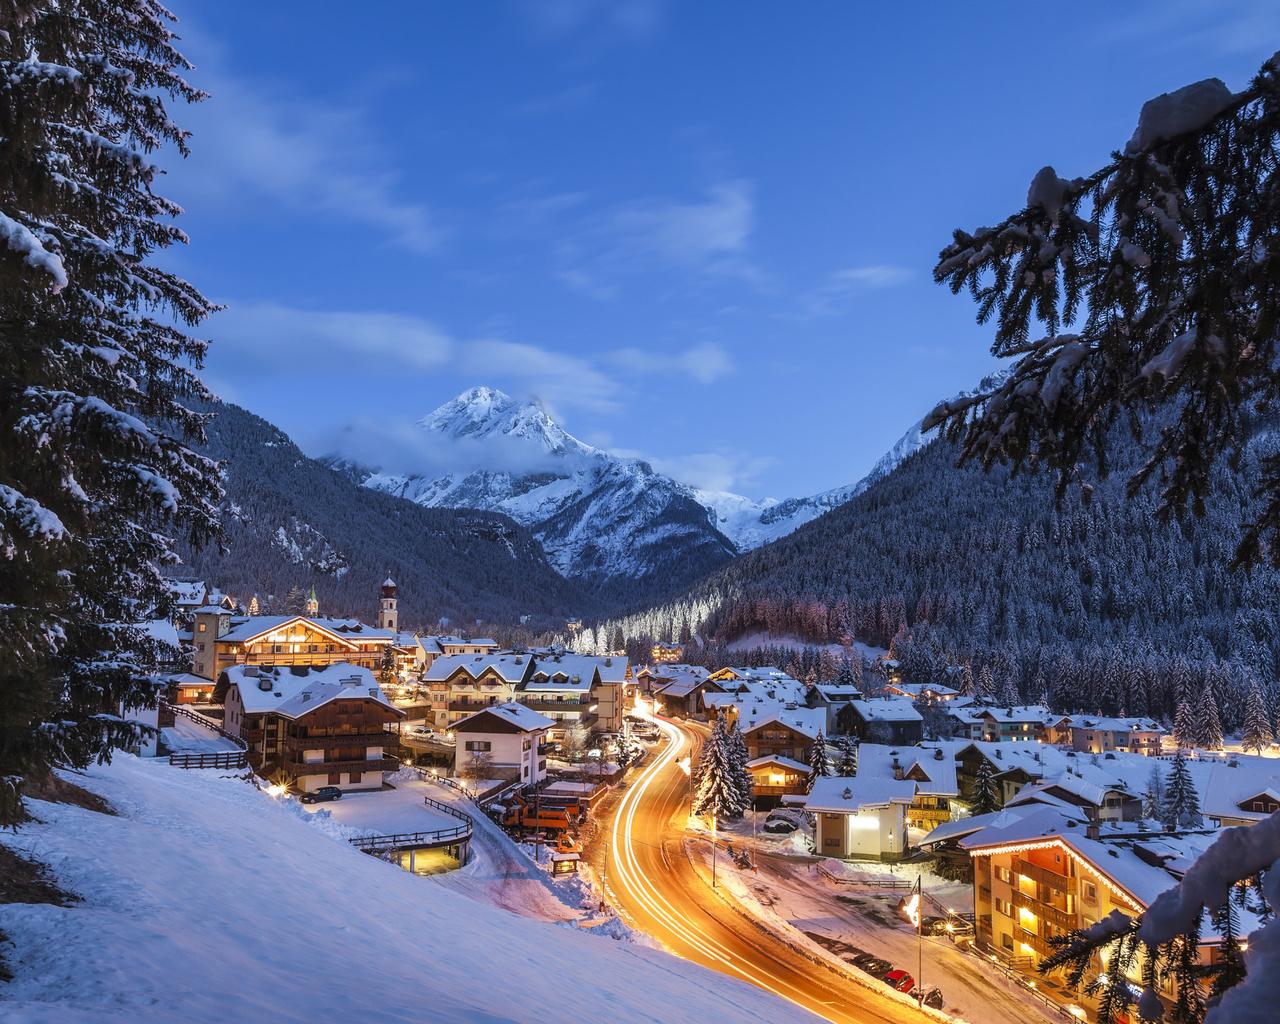 пейзаж, горы, природа, дома, вечер, ели, освещение, италия, курорт, леса, andrey chabrov, доломиты